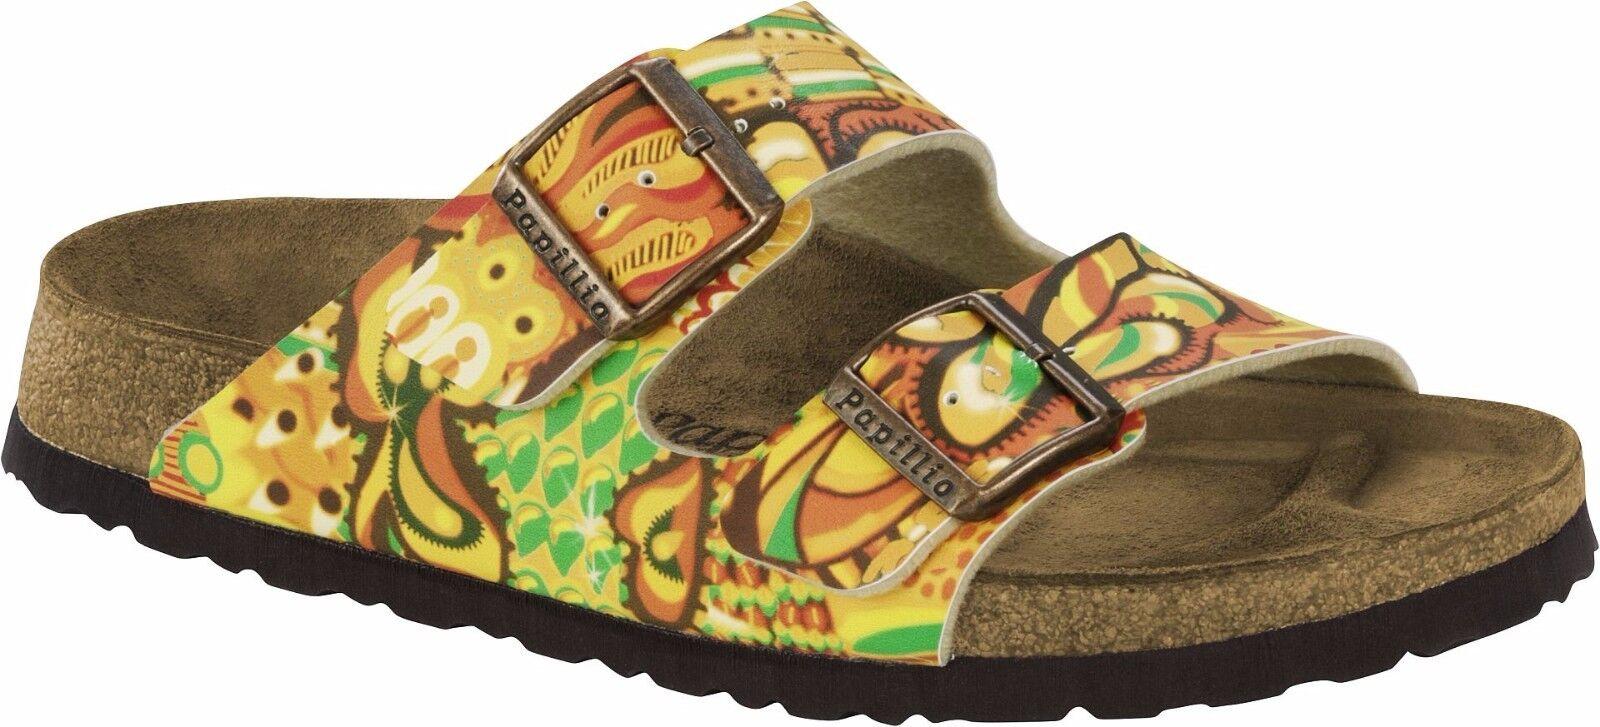 Último gran descuento Papillio Arizona African Wax Gold Gr. 36,37,38,39,40,41,42,43 schmales Fußbett